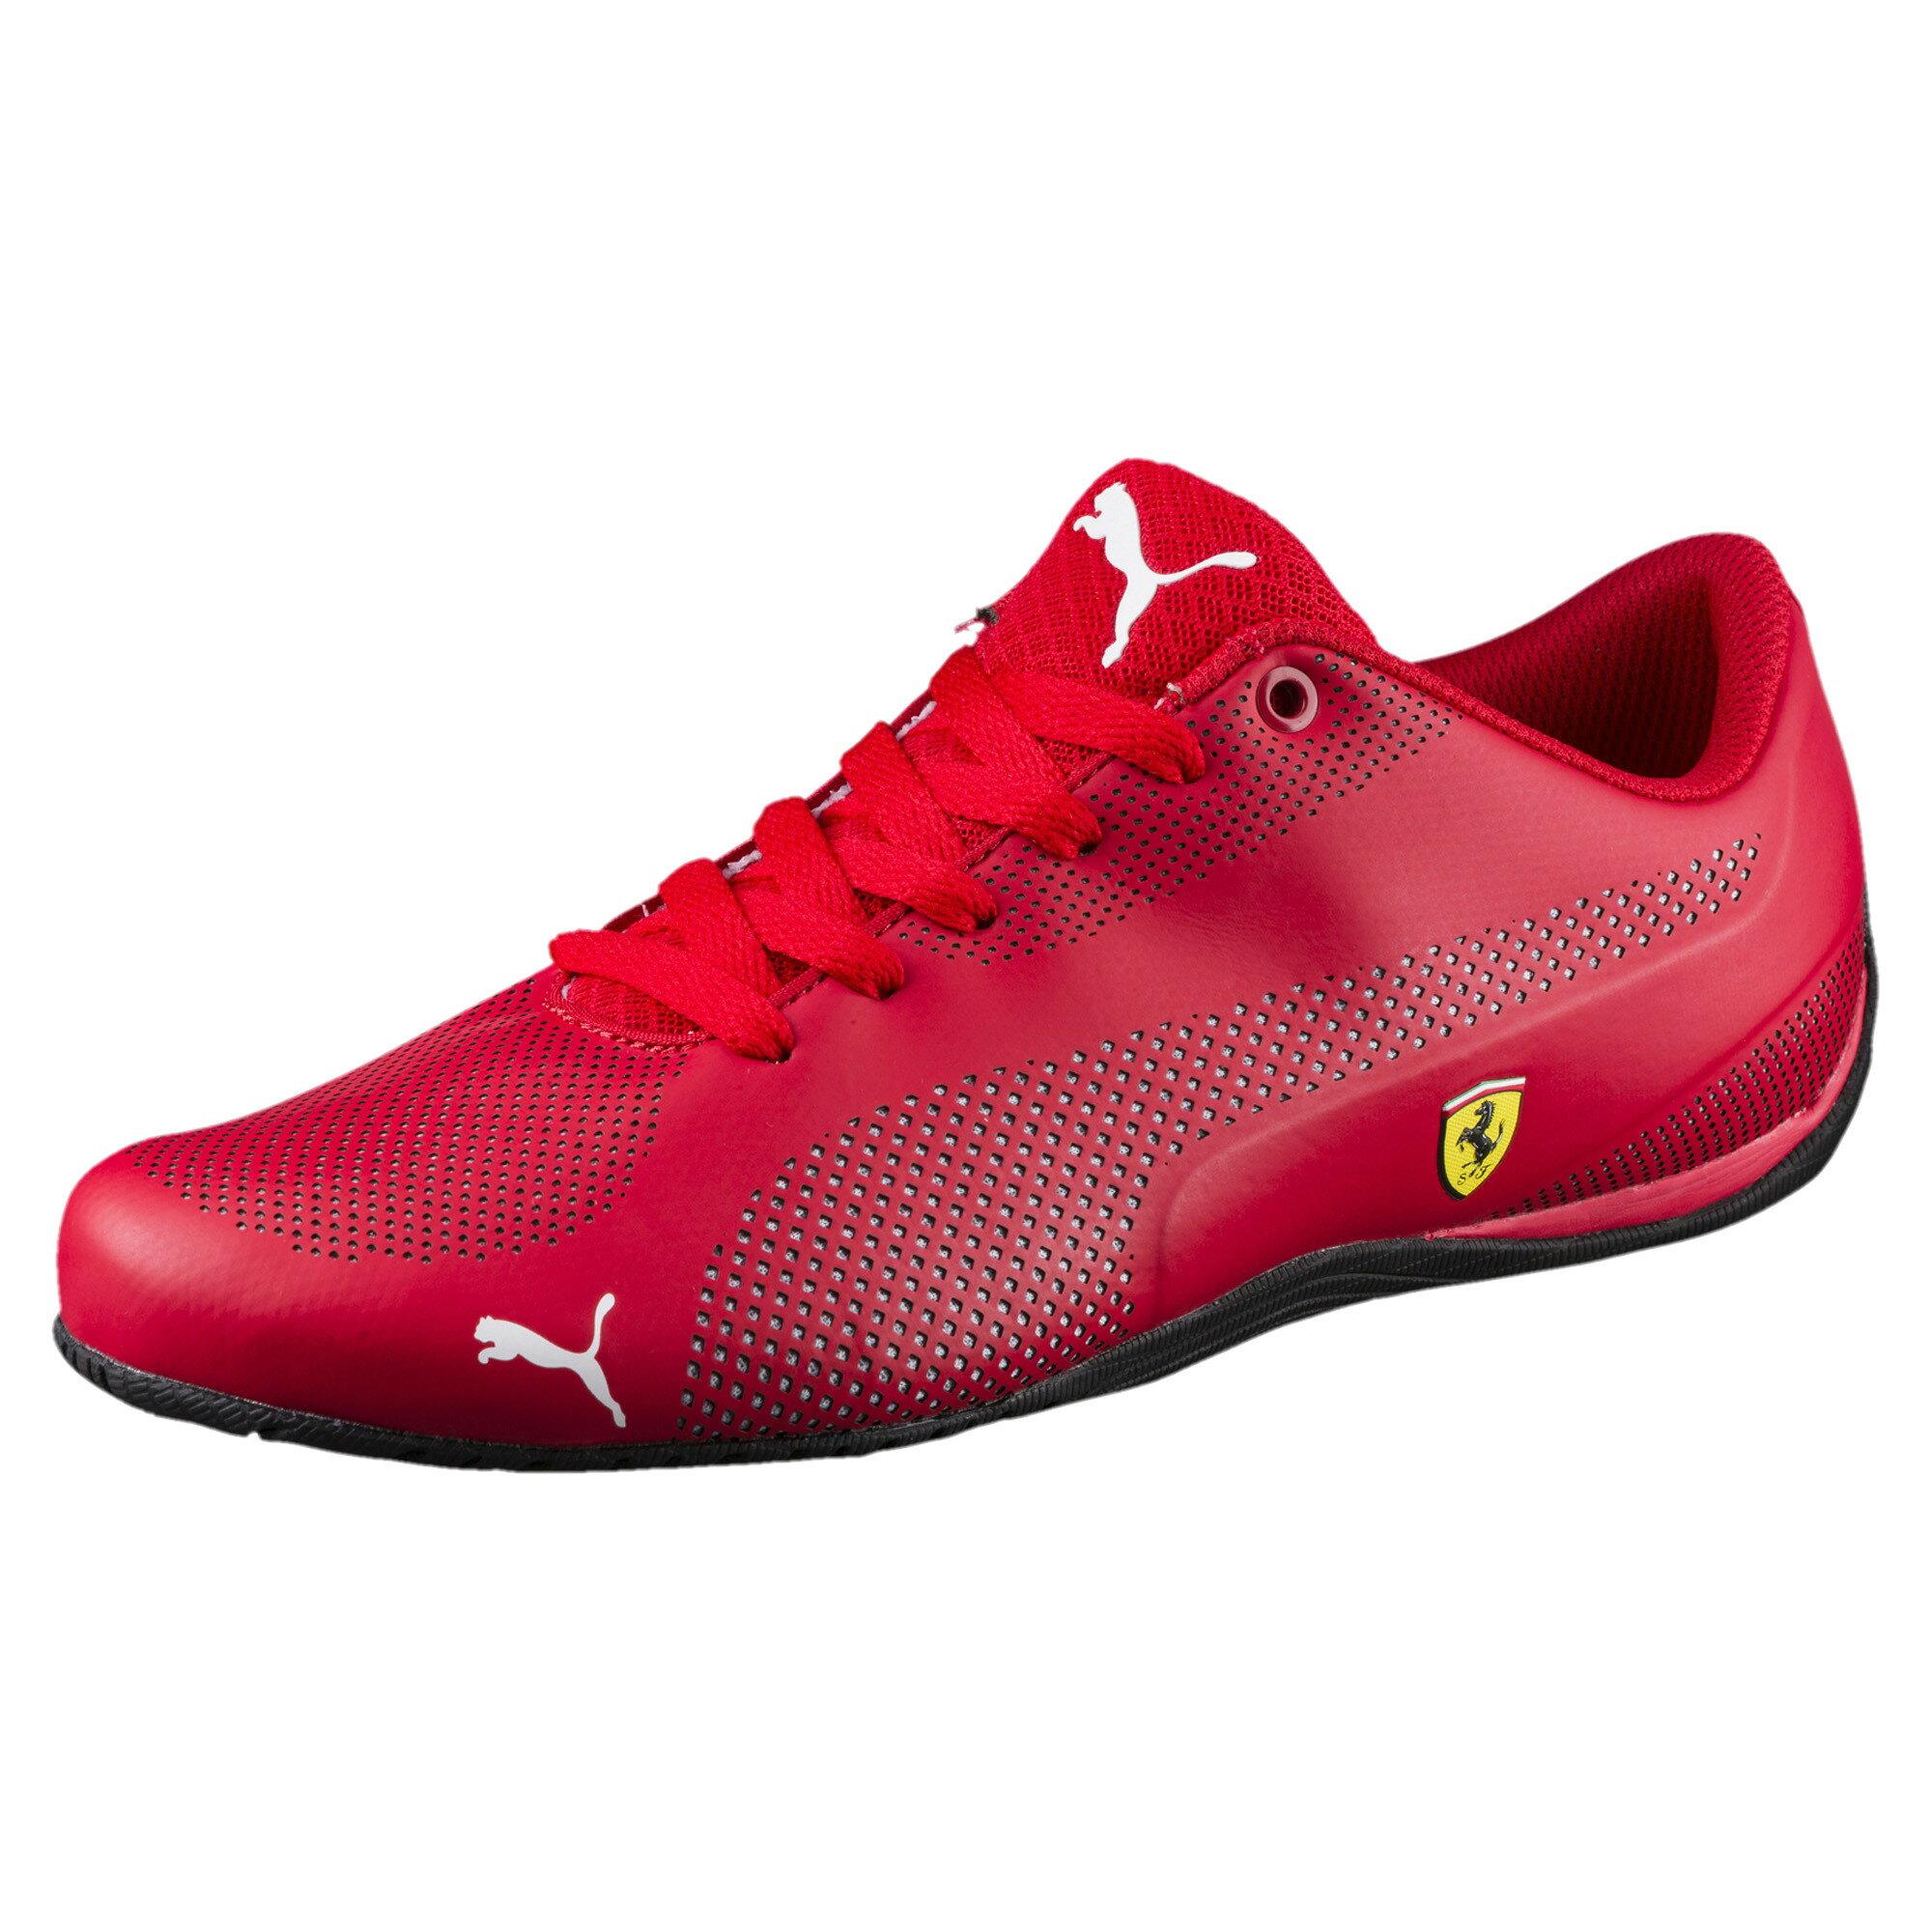 6ec702a054 Official Puma Store  PUMA Scuderia Ferrari Drift Cat 5 Ultra Shoes ...